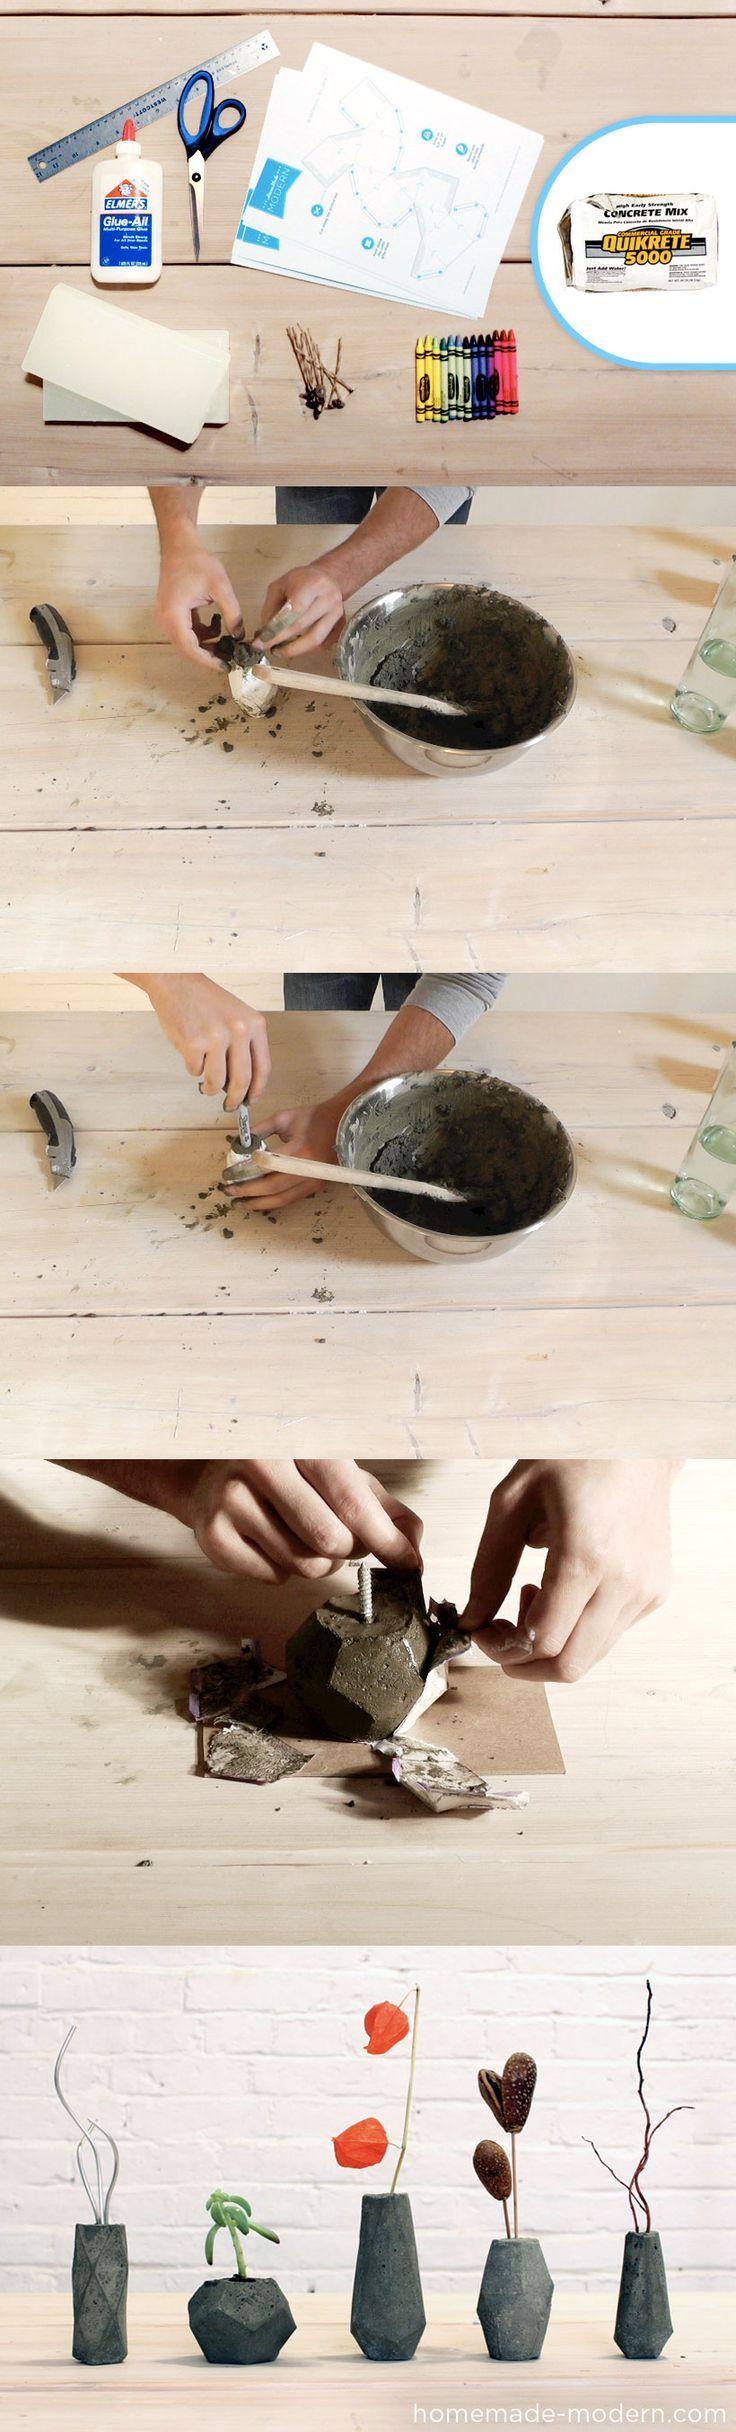 Bloktagons, unos originales moldes para crear velas y floreros